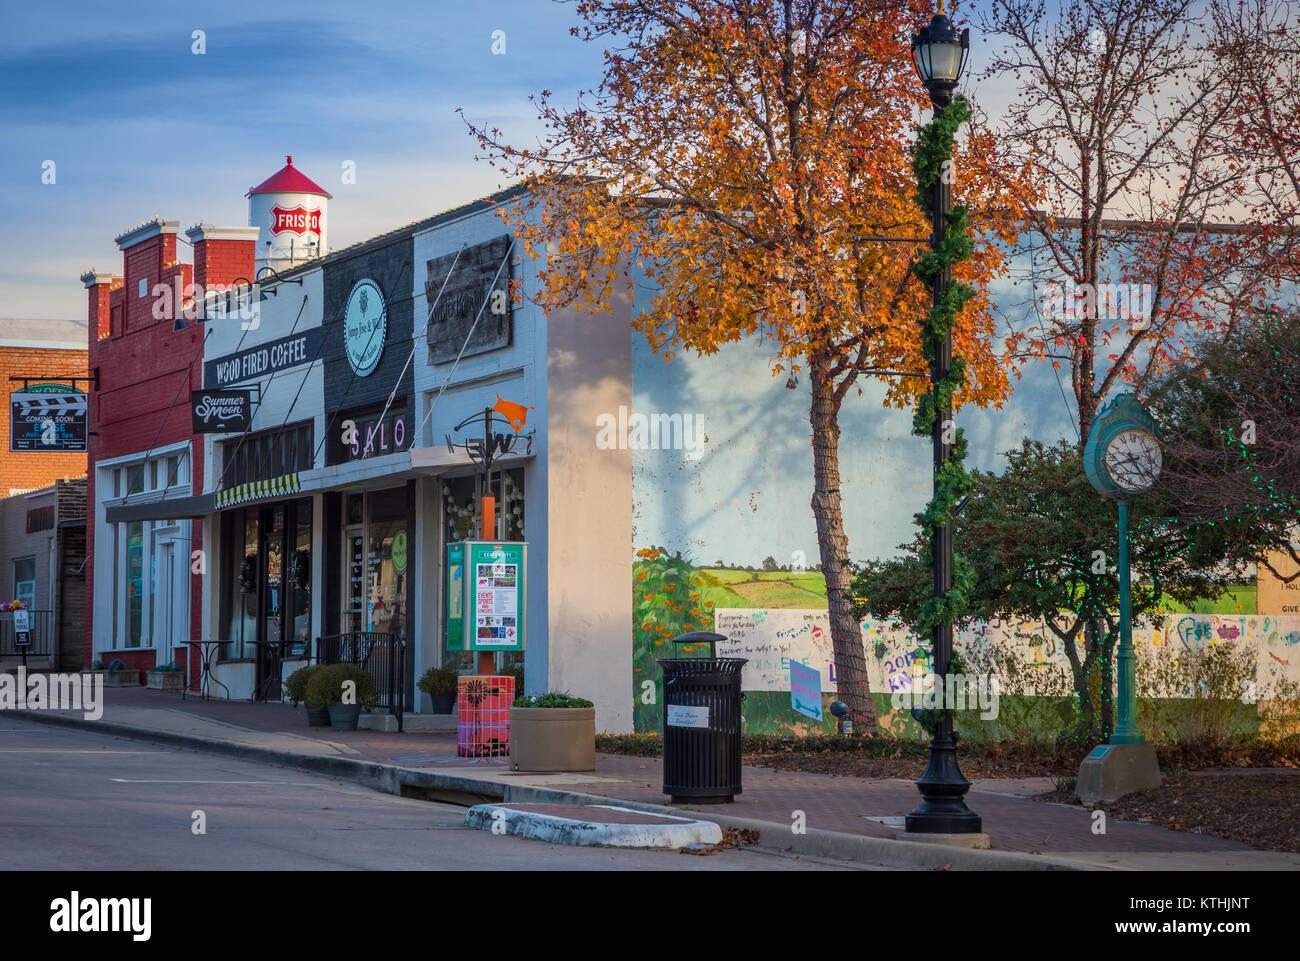 Main Street en Frisco, Texas. Frisco es una ciudad en los condados de Collin y Denton en Texas, en el metroplex Imagen De Stock